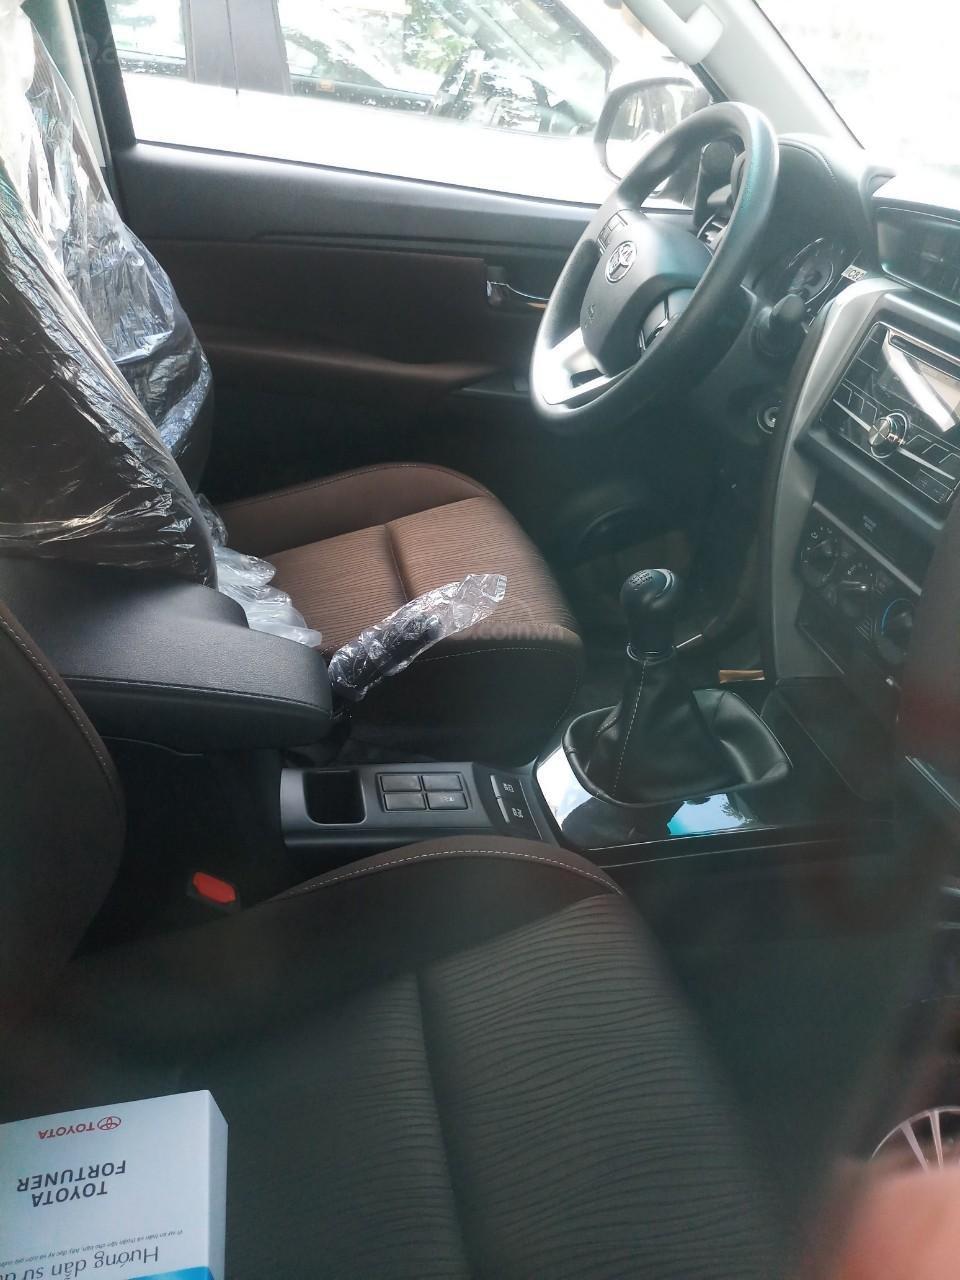 Bán Toyota Fortuner 2.4G MT 2019, hỗ trợ 54tr lệ phí trước bạ + Phiếu nhiên liệu 10tr, nhận xe từ 250tr (3)